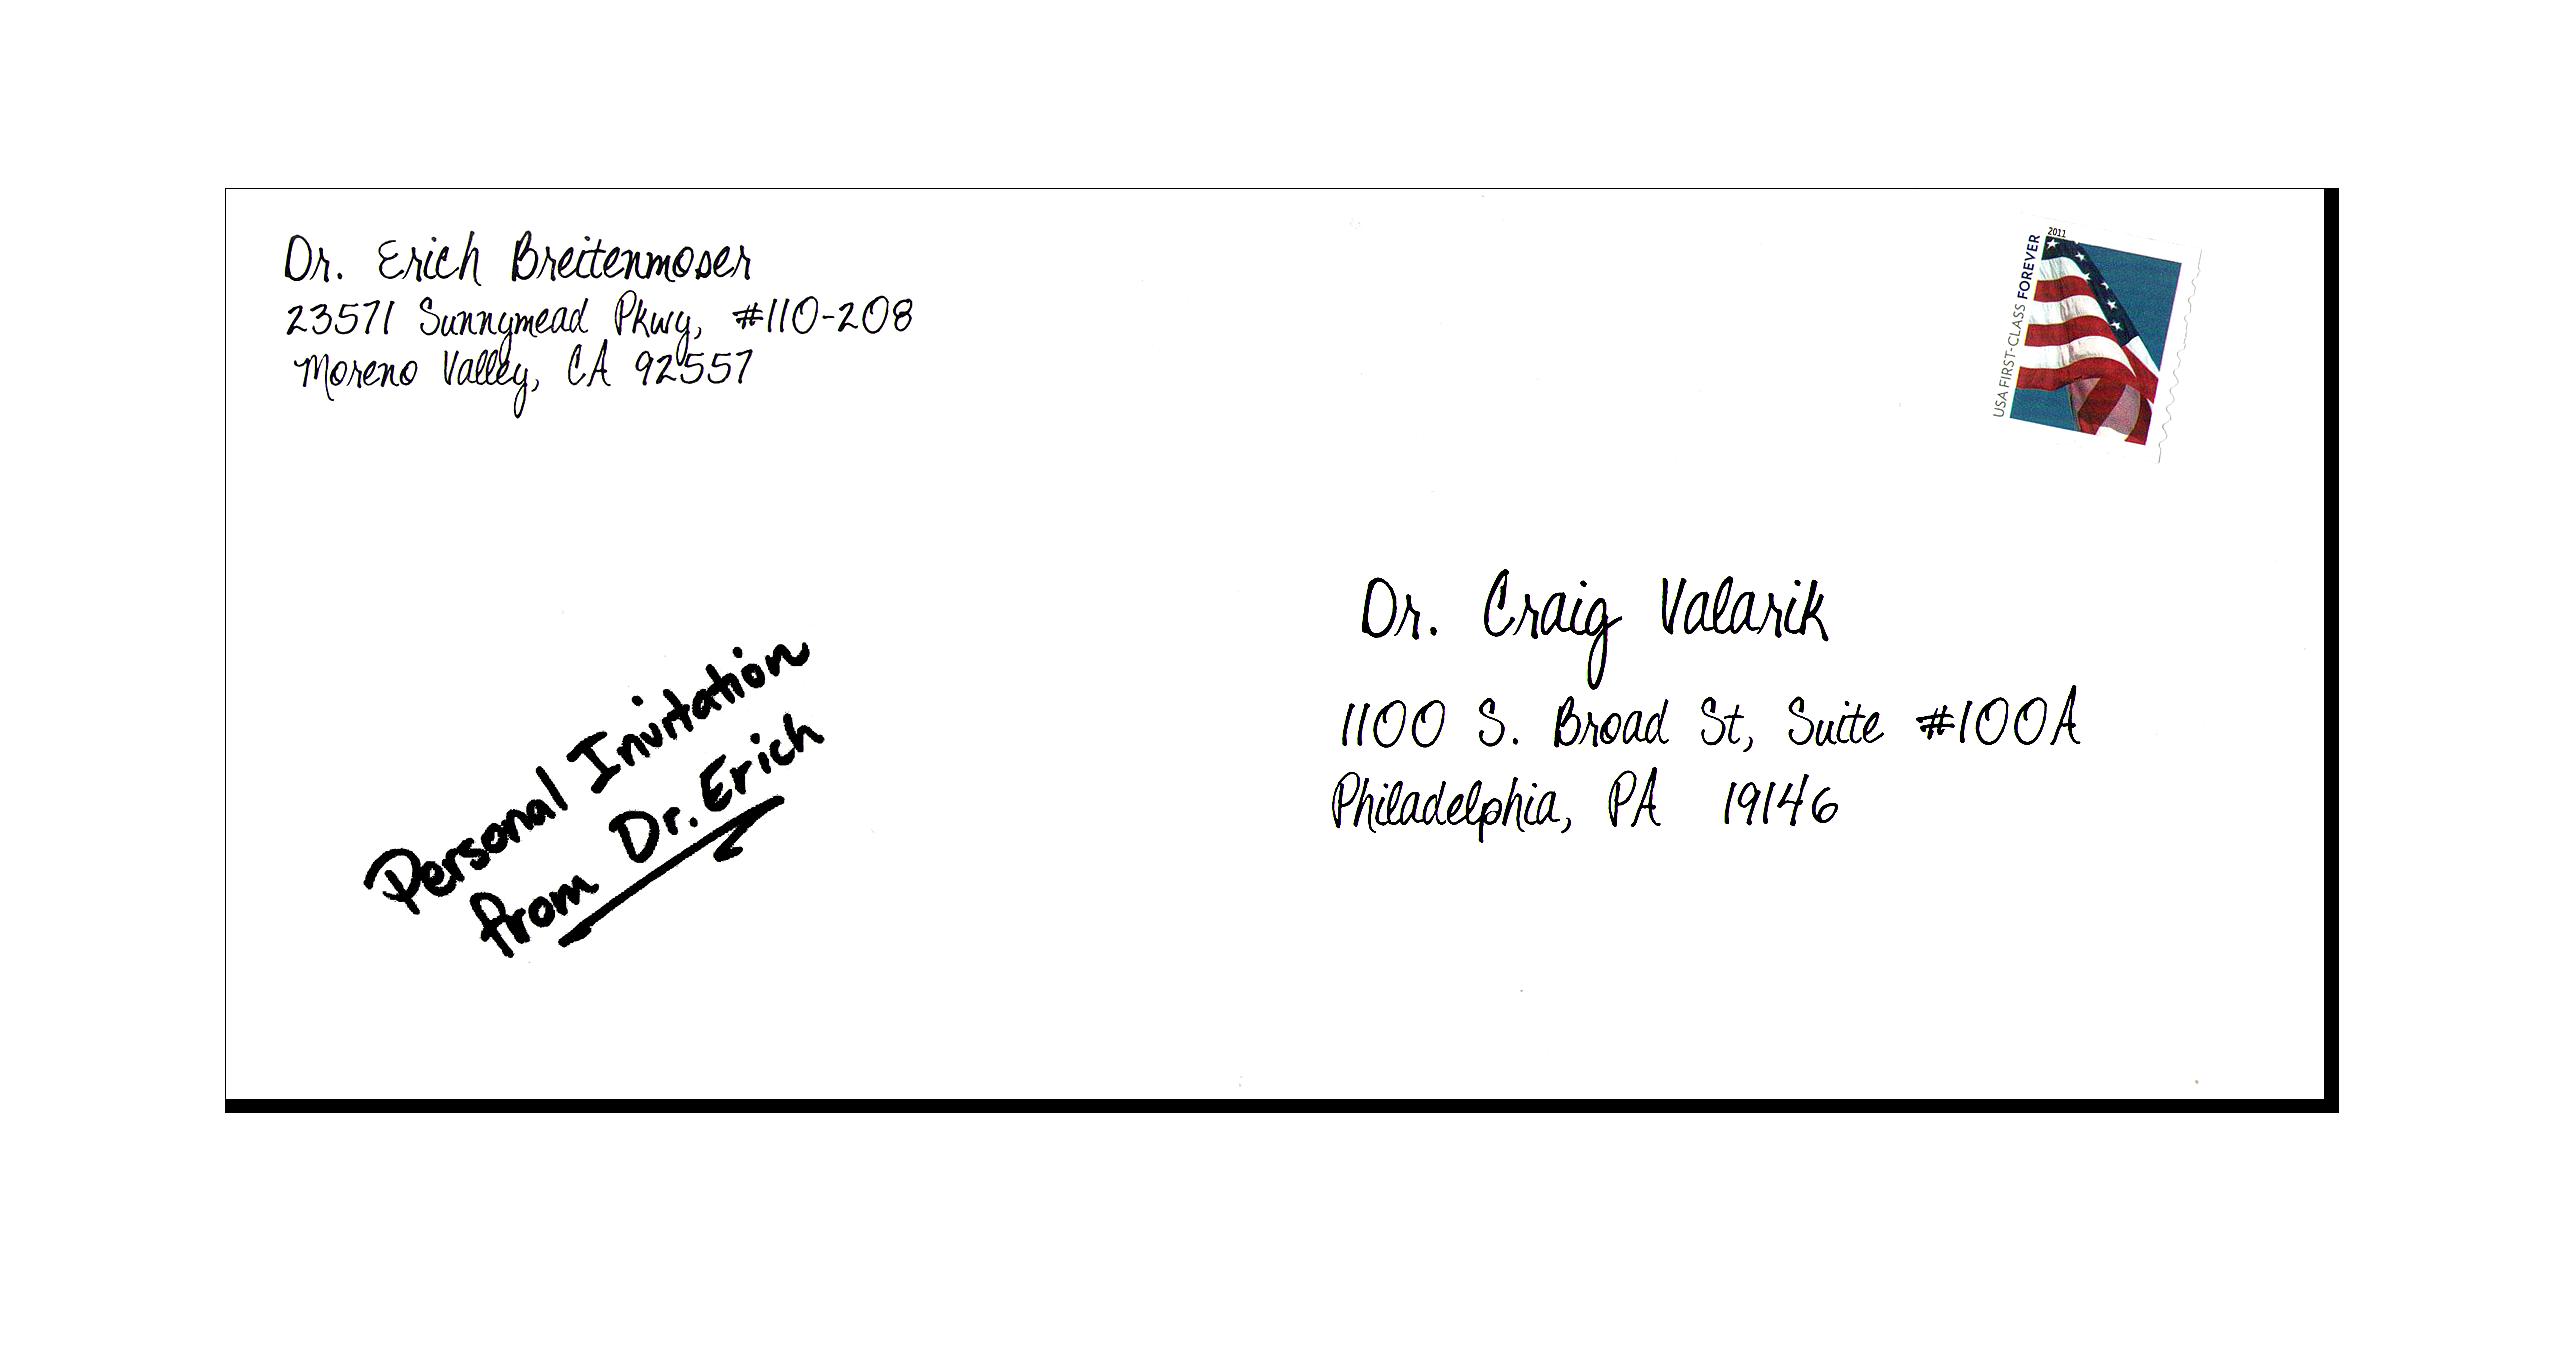 Application Letter Envelope Dafotk Format Address For College